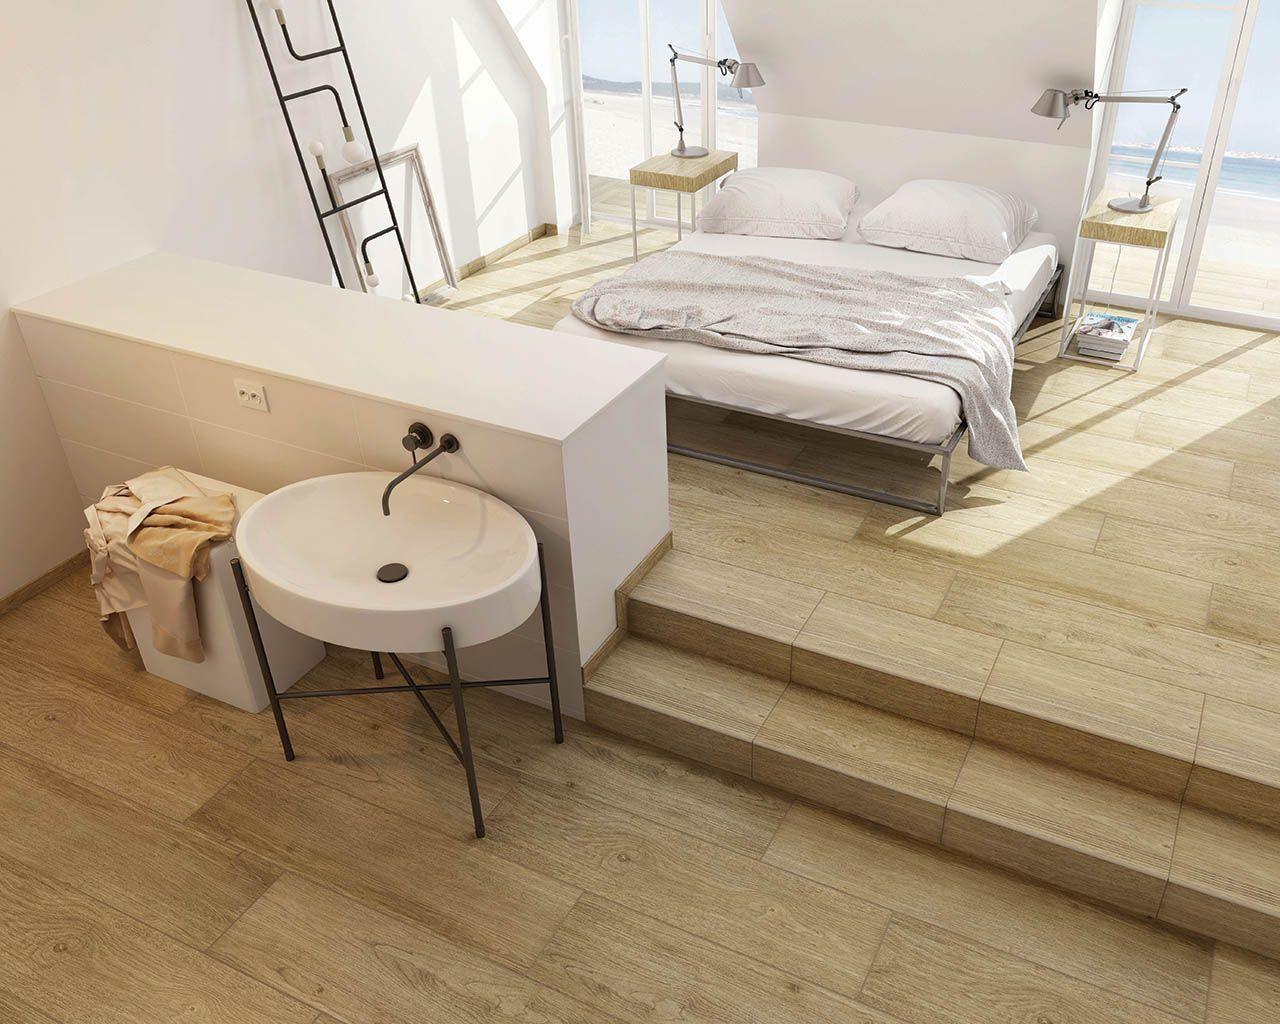 Gemütliches Schlafzimmer mit Bad im skandinavischen Stil | Ceramika ...